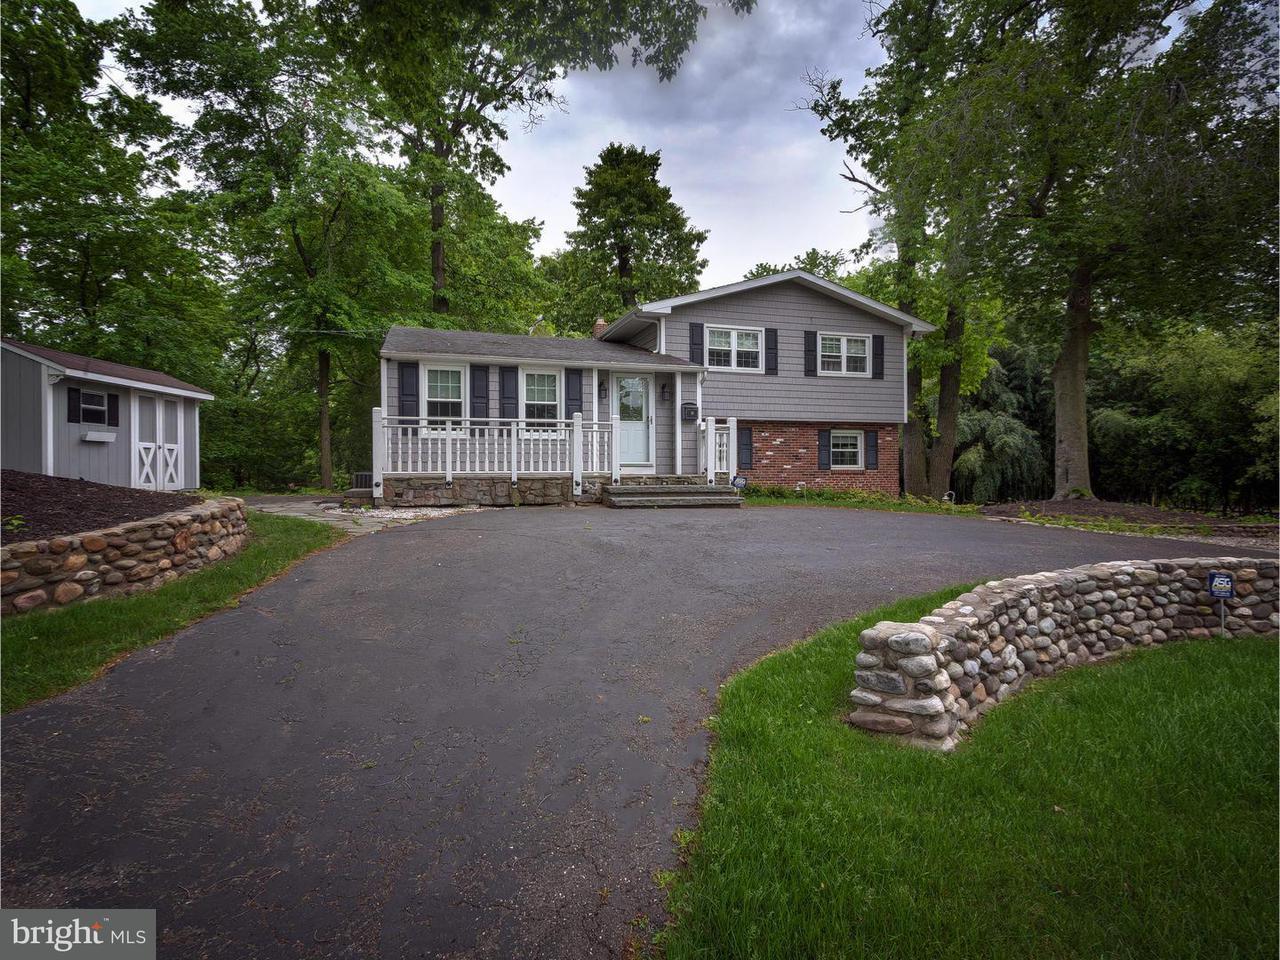 Maison unifamiliale pour l Vente à 275 S PARK Drive Haddon Township, New Jersey 08108 États-Unis